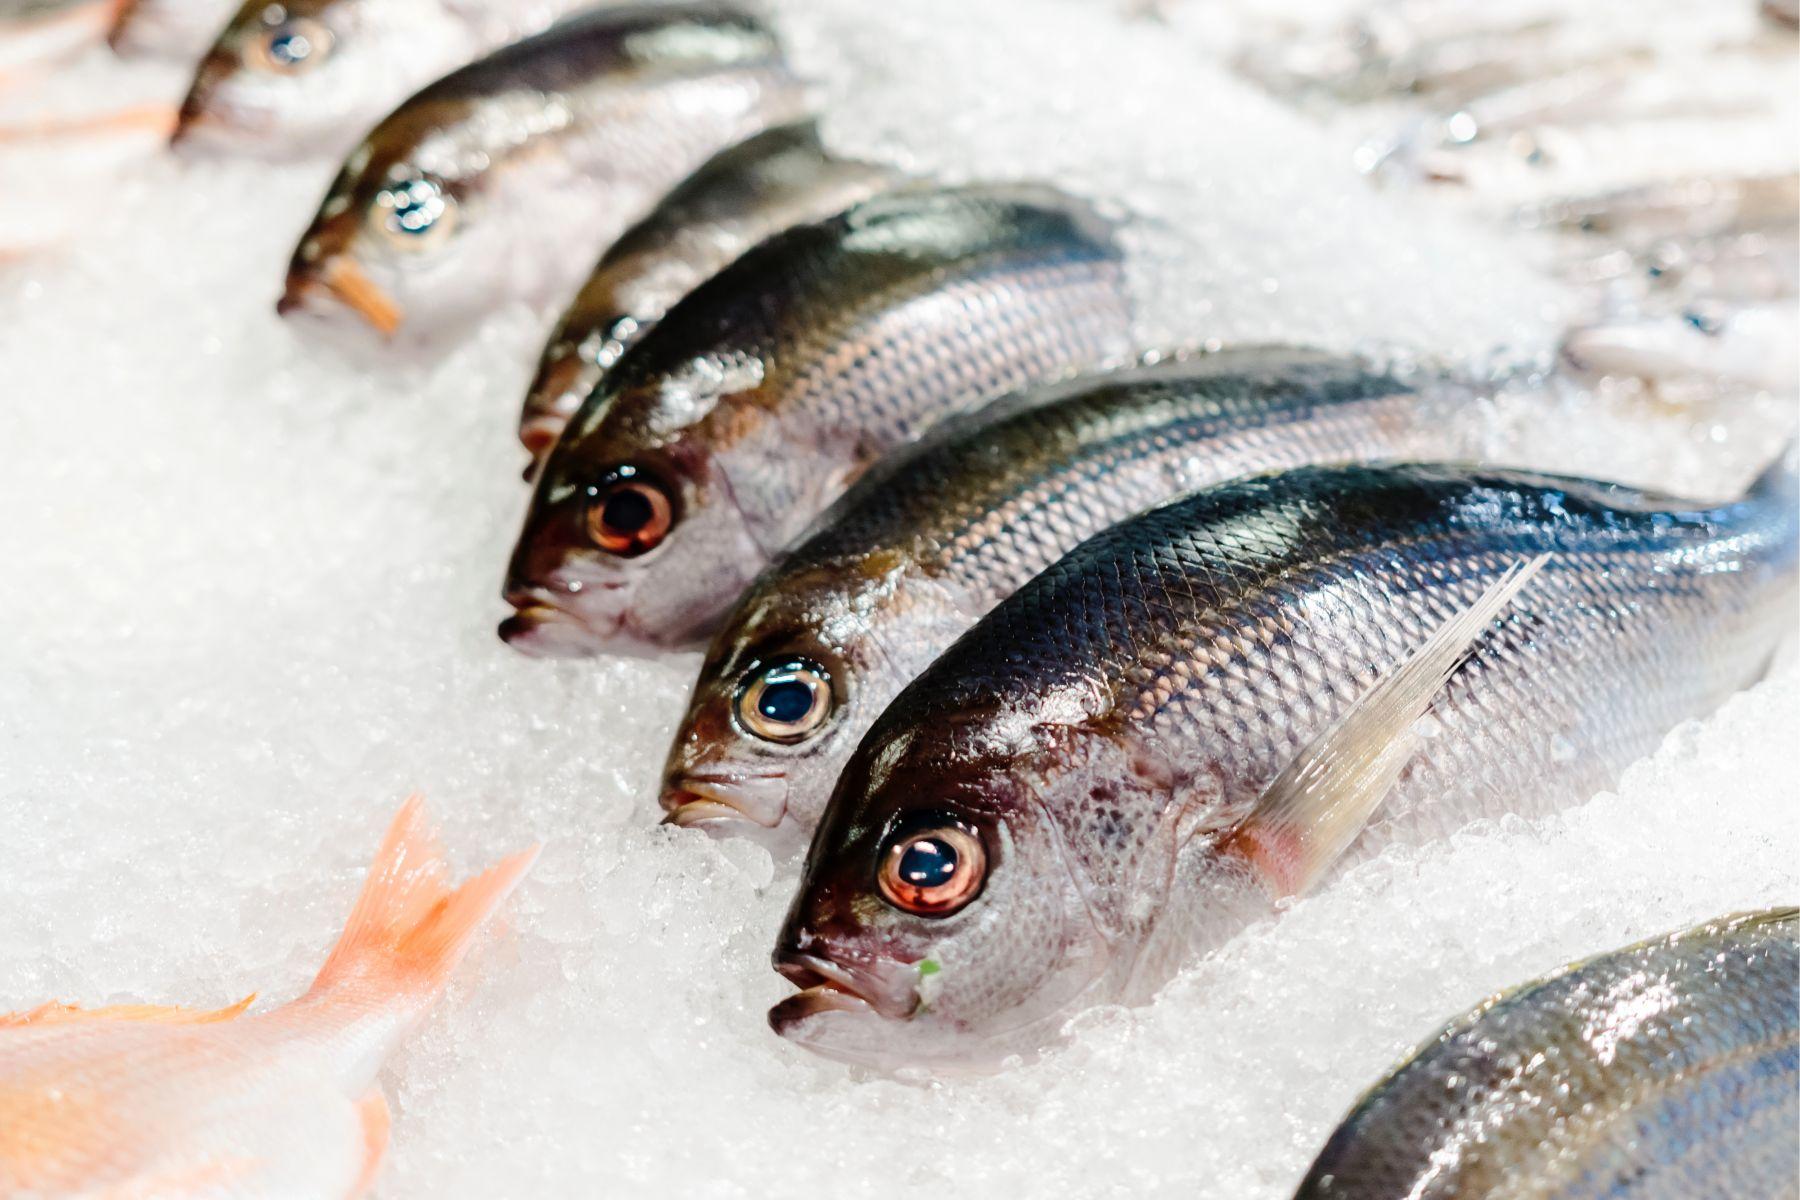 遠離肝癌!日本研究:增加魚類攝取量,有助降低肝癌風險